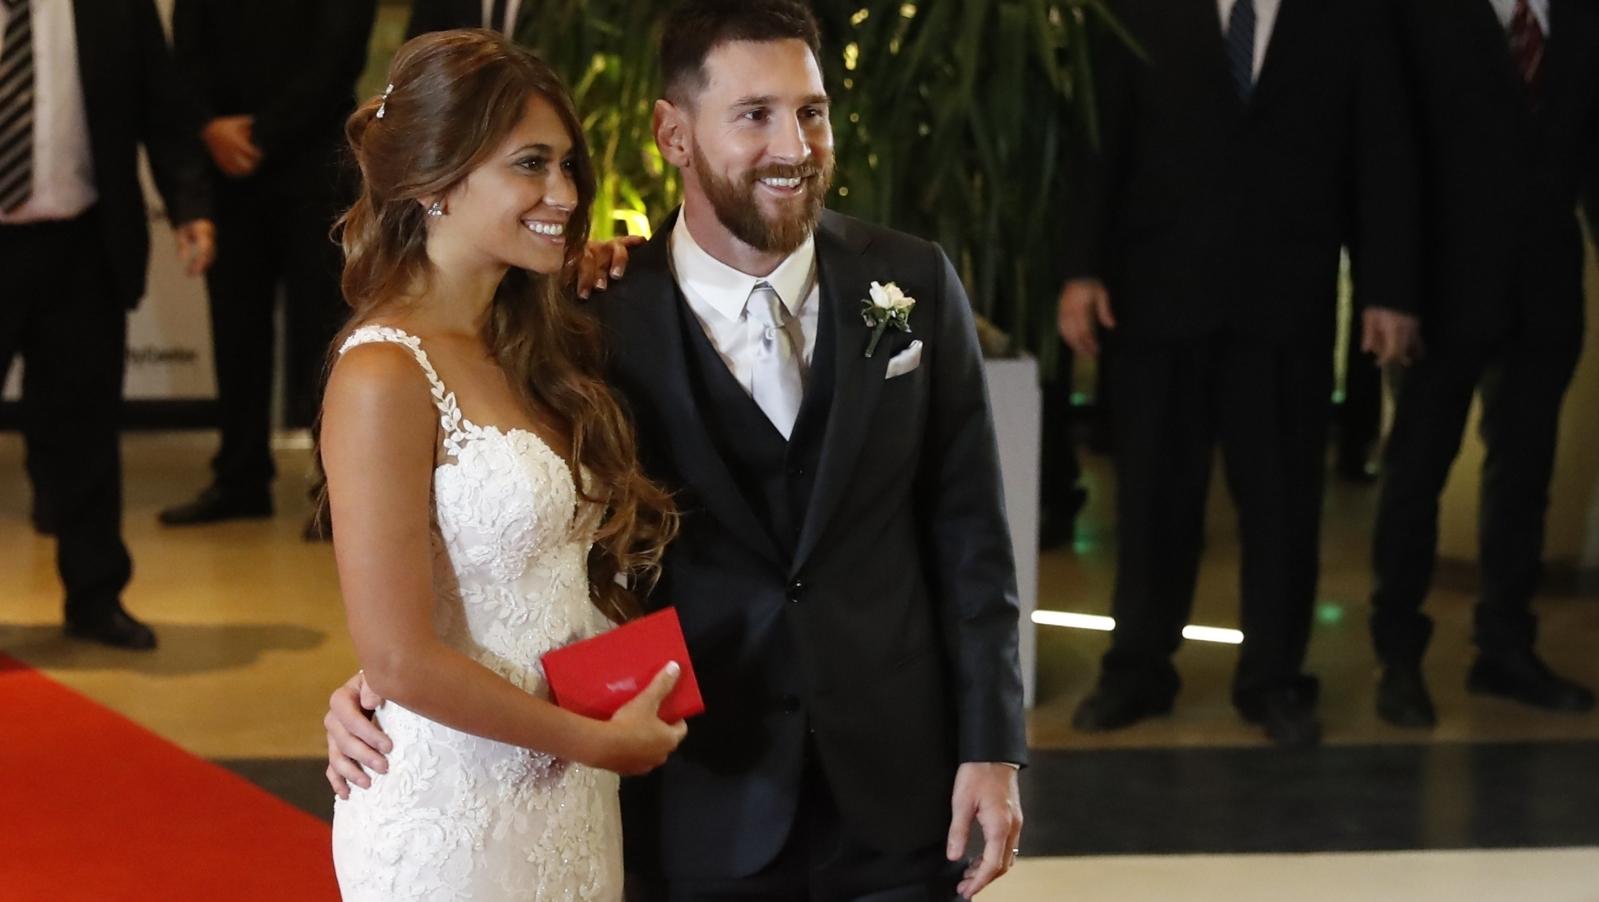 Matrimonio Messi : Messi już żonaty gości na ślubie w rosario polskie